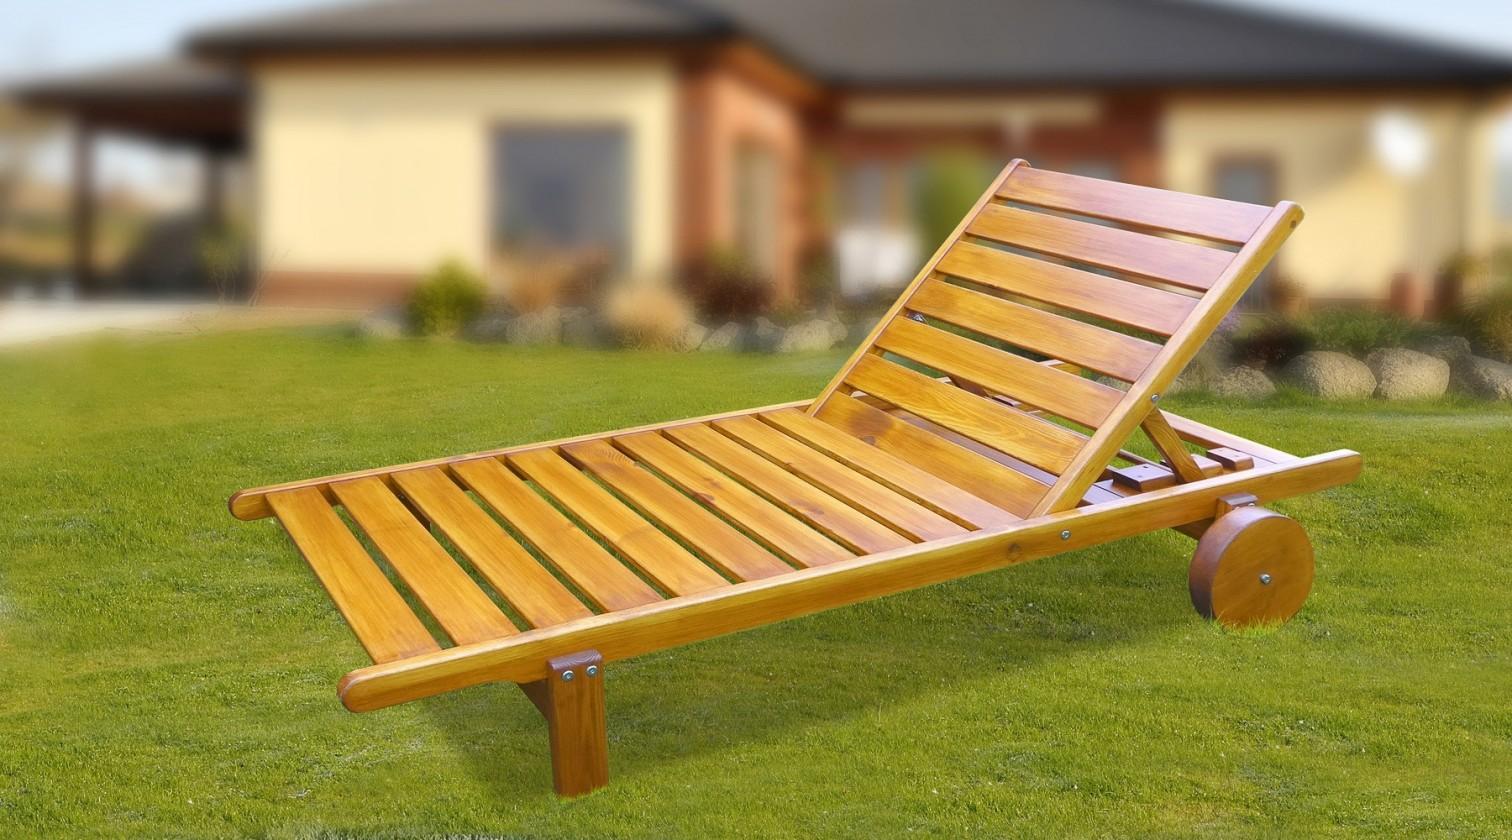 Zahradní lehátko Relax - Polohovací lehátko (pinie)